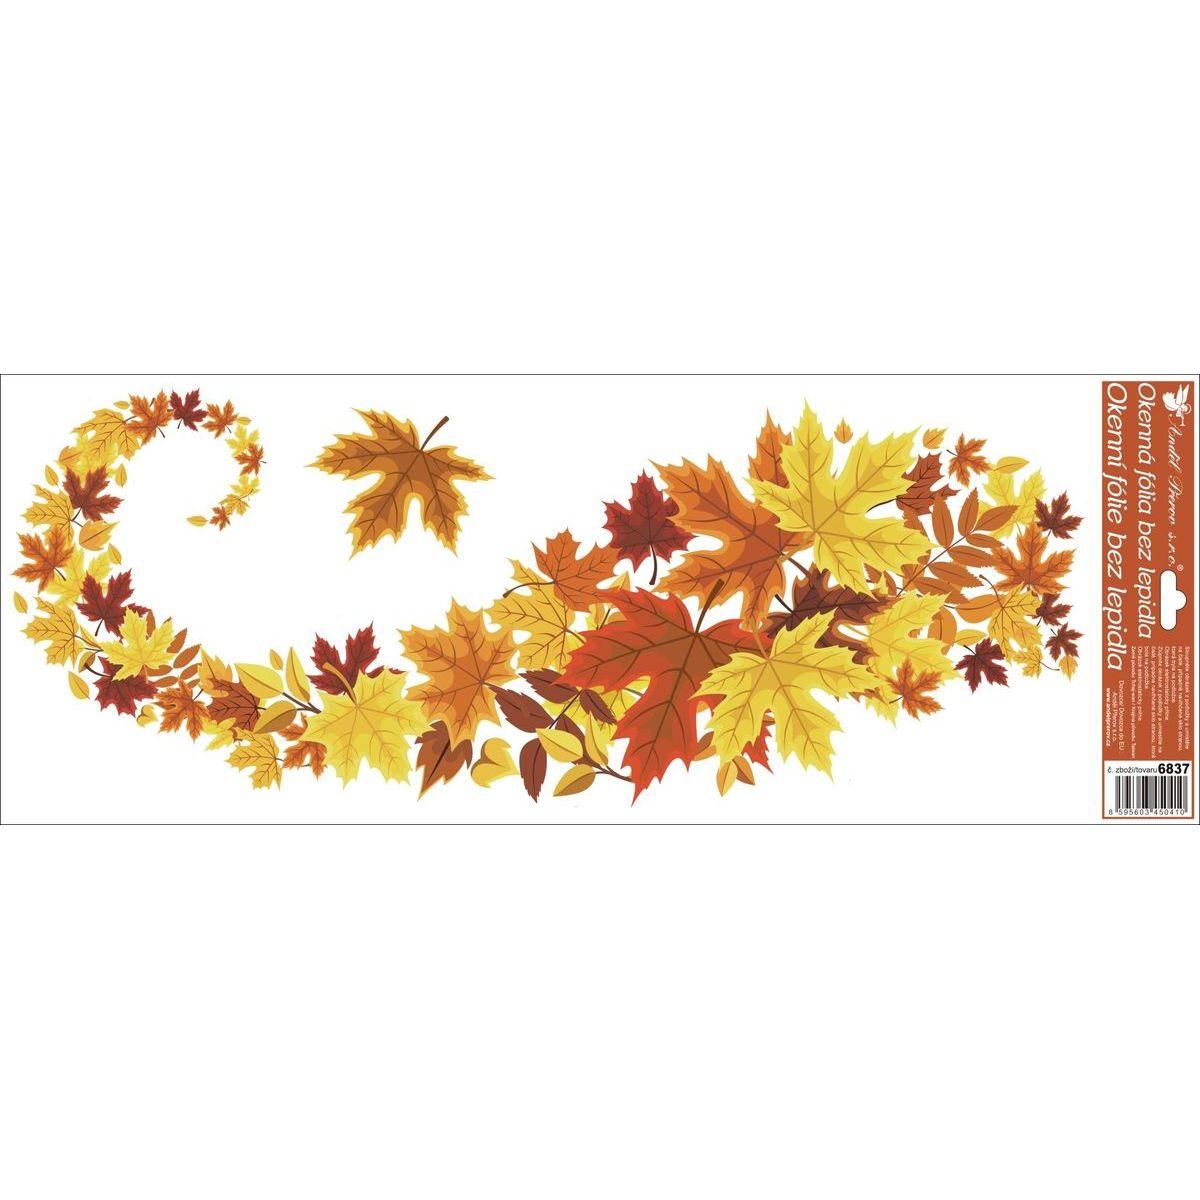 Okenní fólie pruhy listí 60 x 22 cm varianta 4.